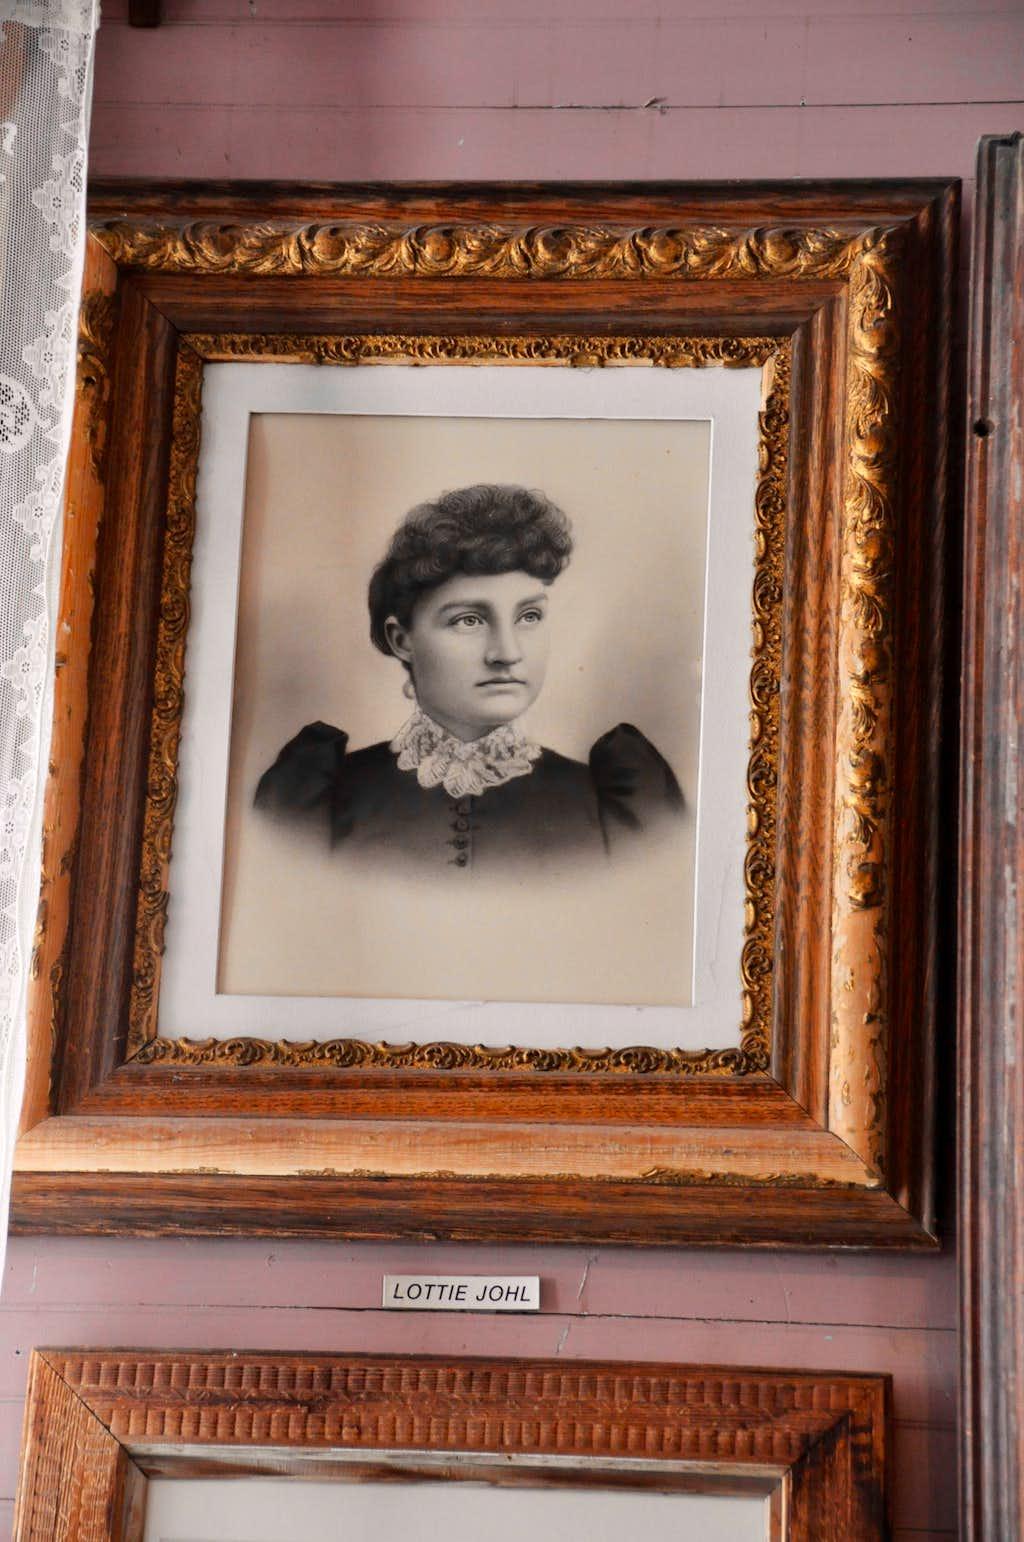 Lottie Johl